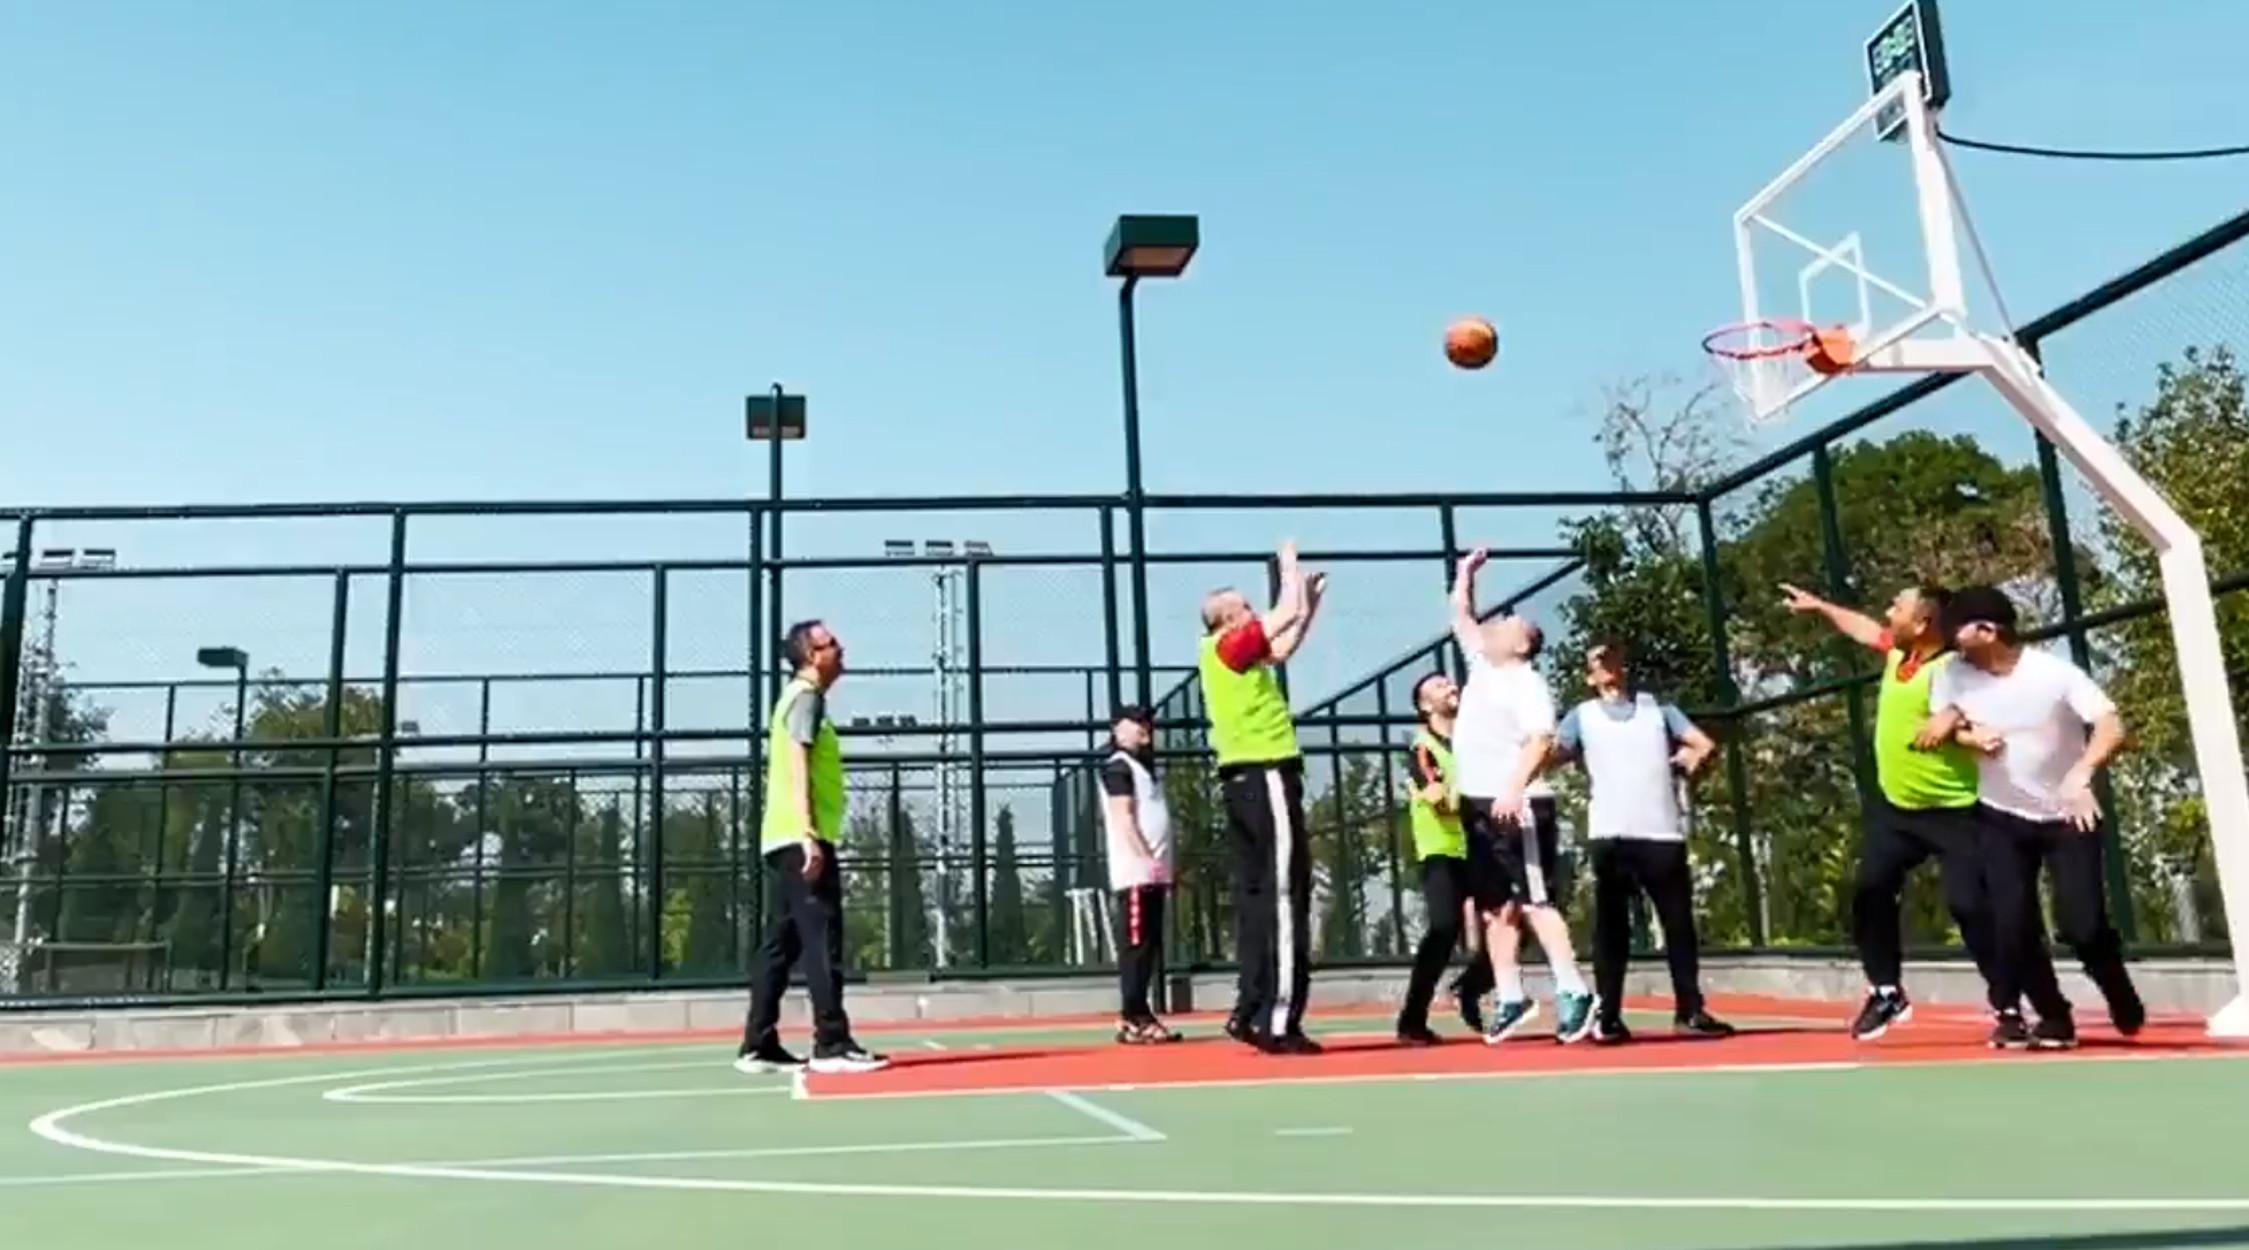 Ο Ερντογάν πασχίζει να πείσει ότι είναι καλά στην υγεία του παίζοντας μπάσκετ